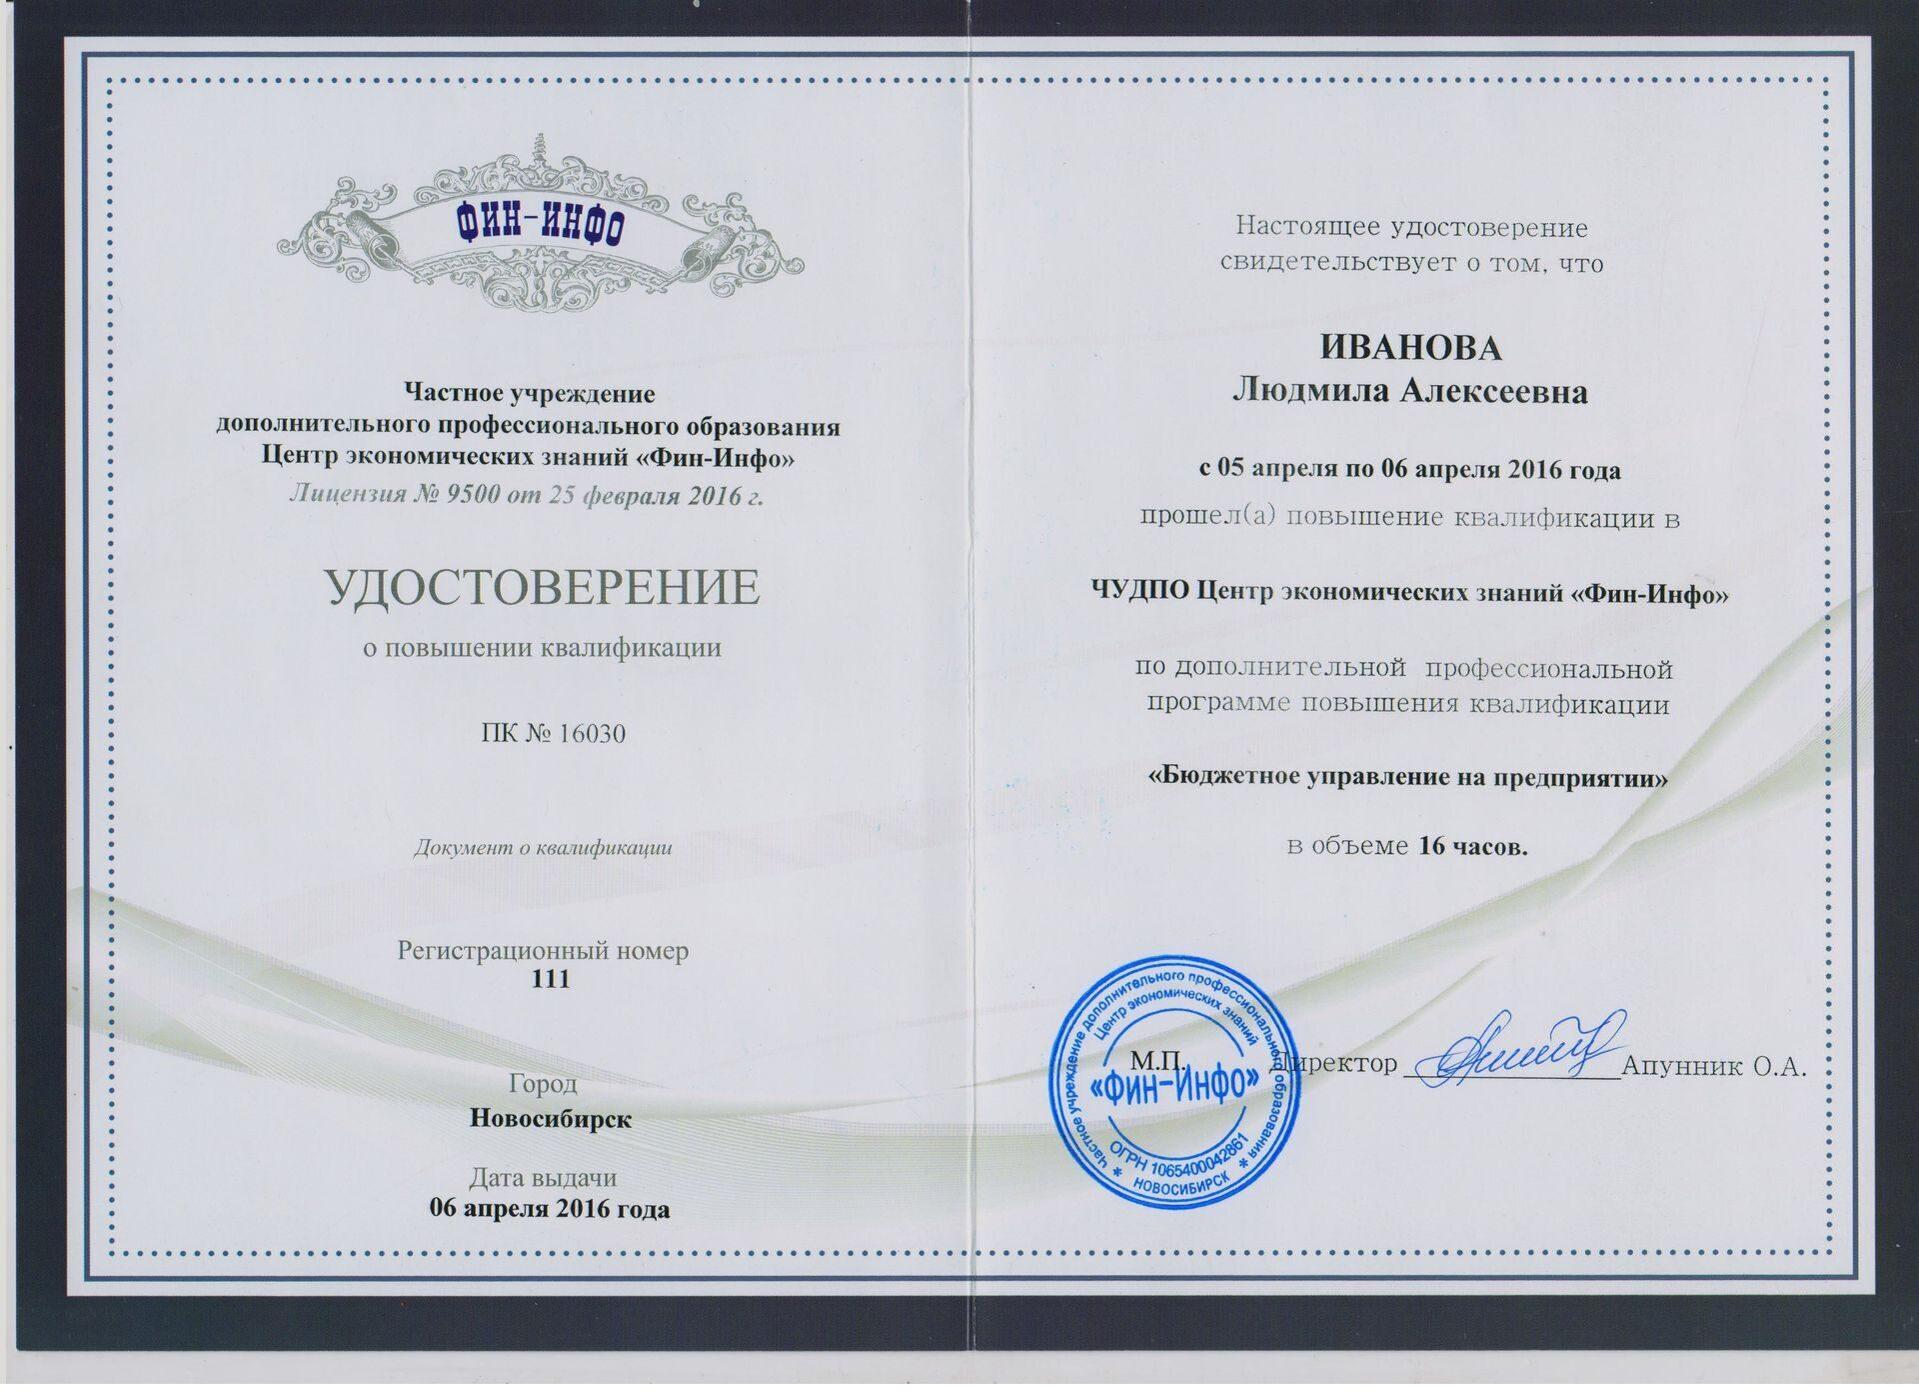 Организации повышение квалификации бухгалтера 40 часов преддипломная практика ооо бухгалтер